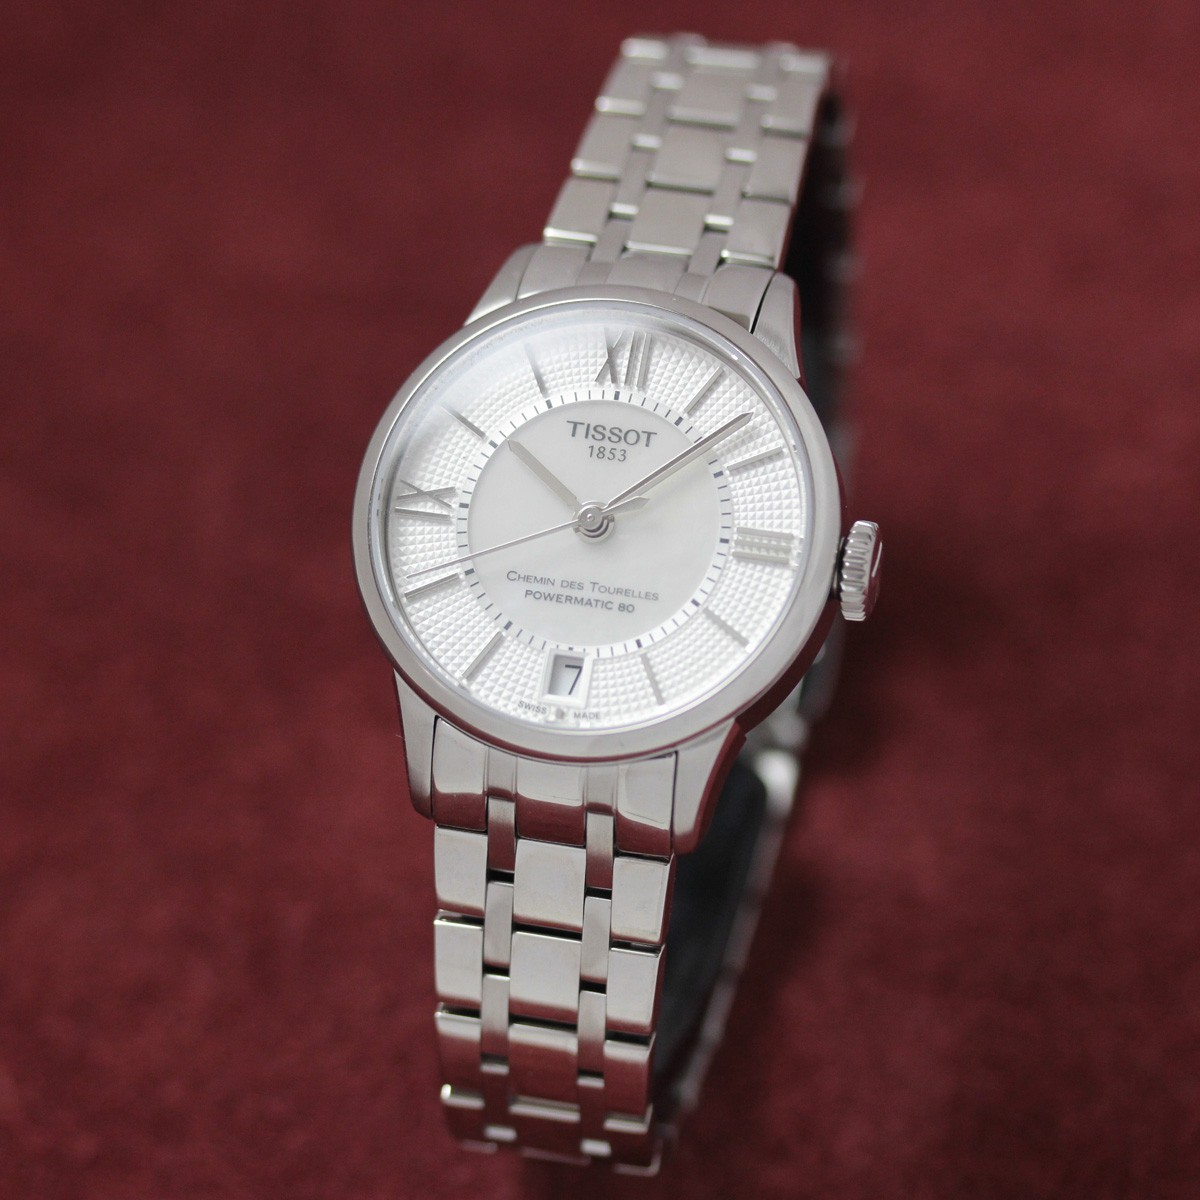 ティソ 自動巻き 女性用腕時計t0992071111800